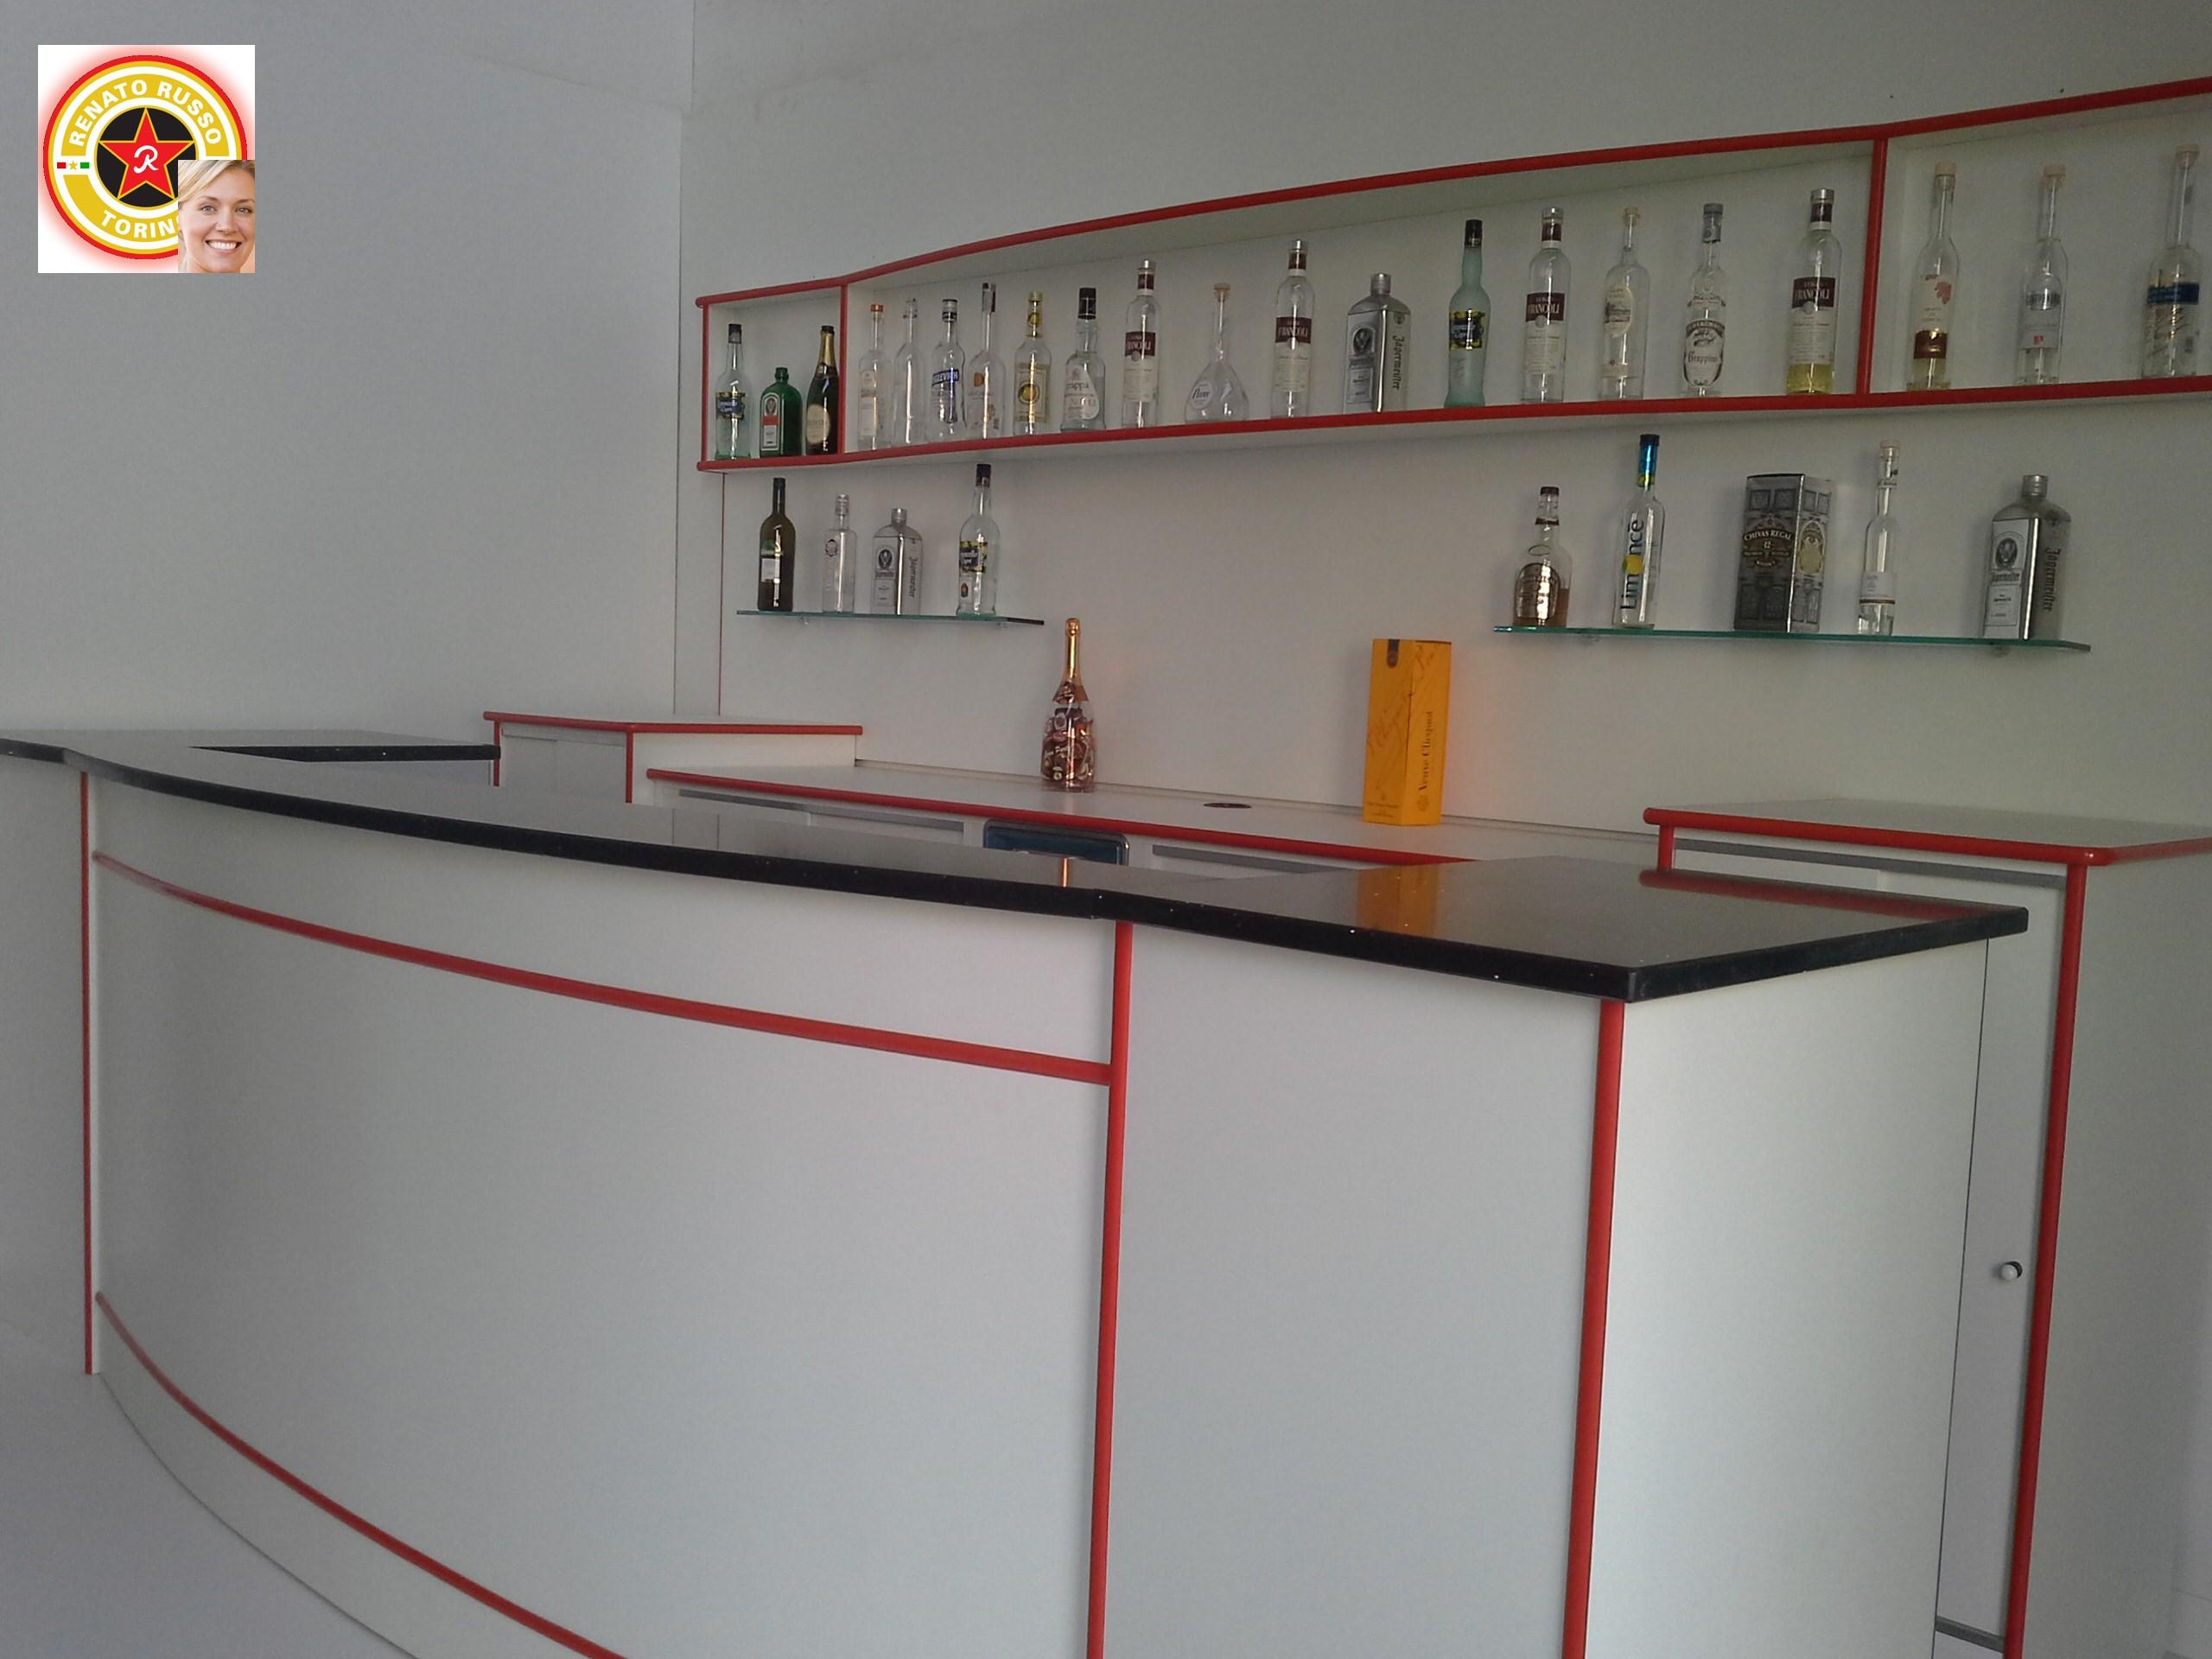 Banchi bar prezzi banchi bar banconi bar banchi frigo for Usato bancone bar